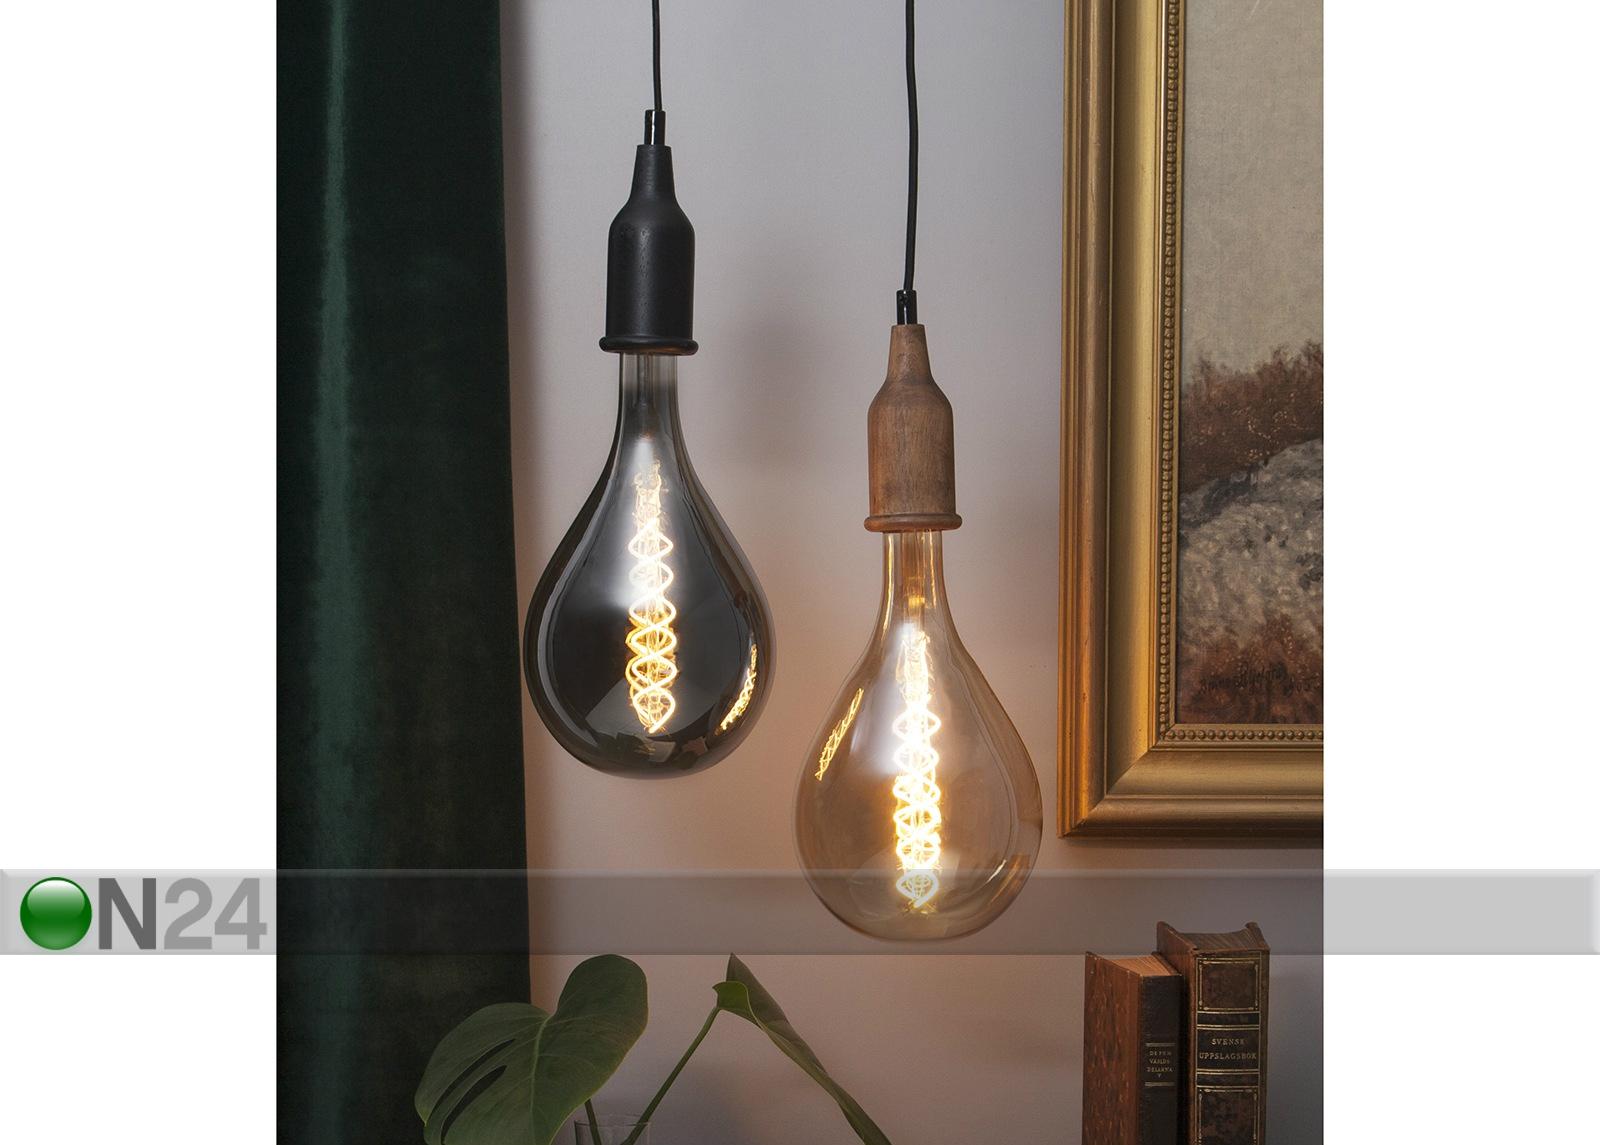 ba850927d14 Dekoratiivne LED pirn sokliga E27 6 W AA-152409 - ON24 Sisustuskaubamaja